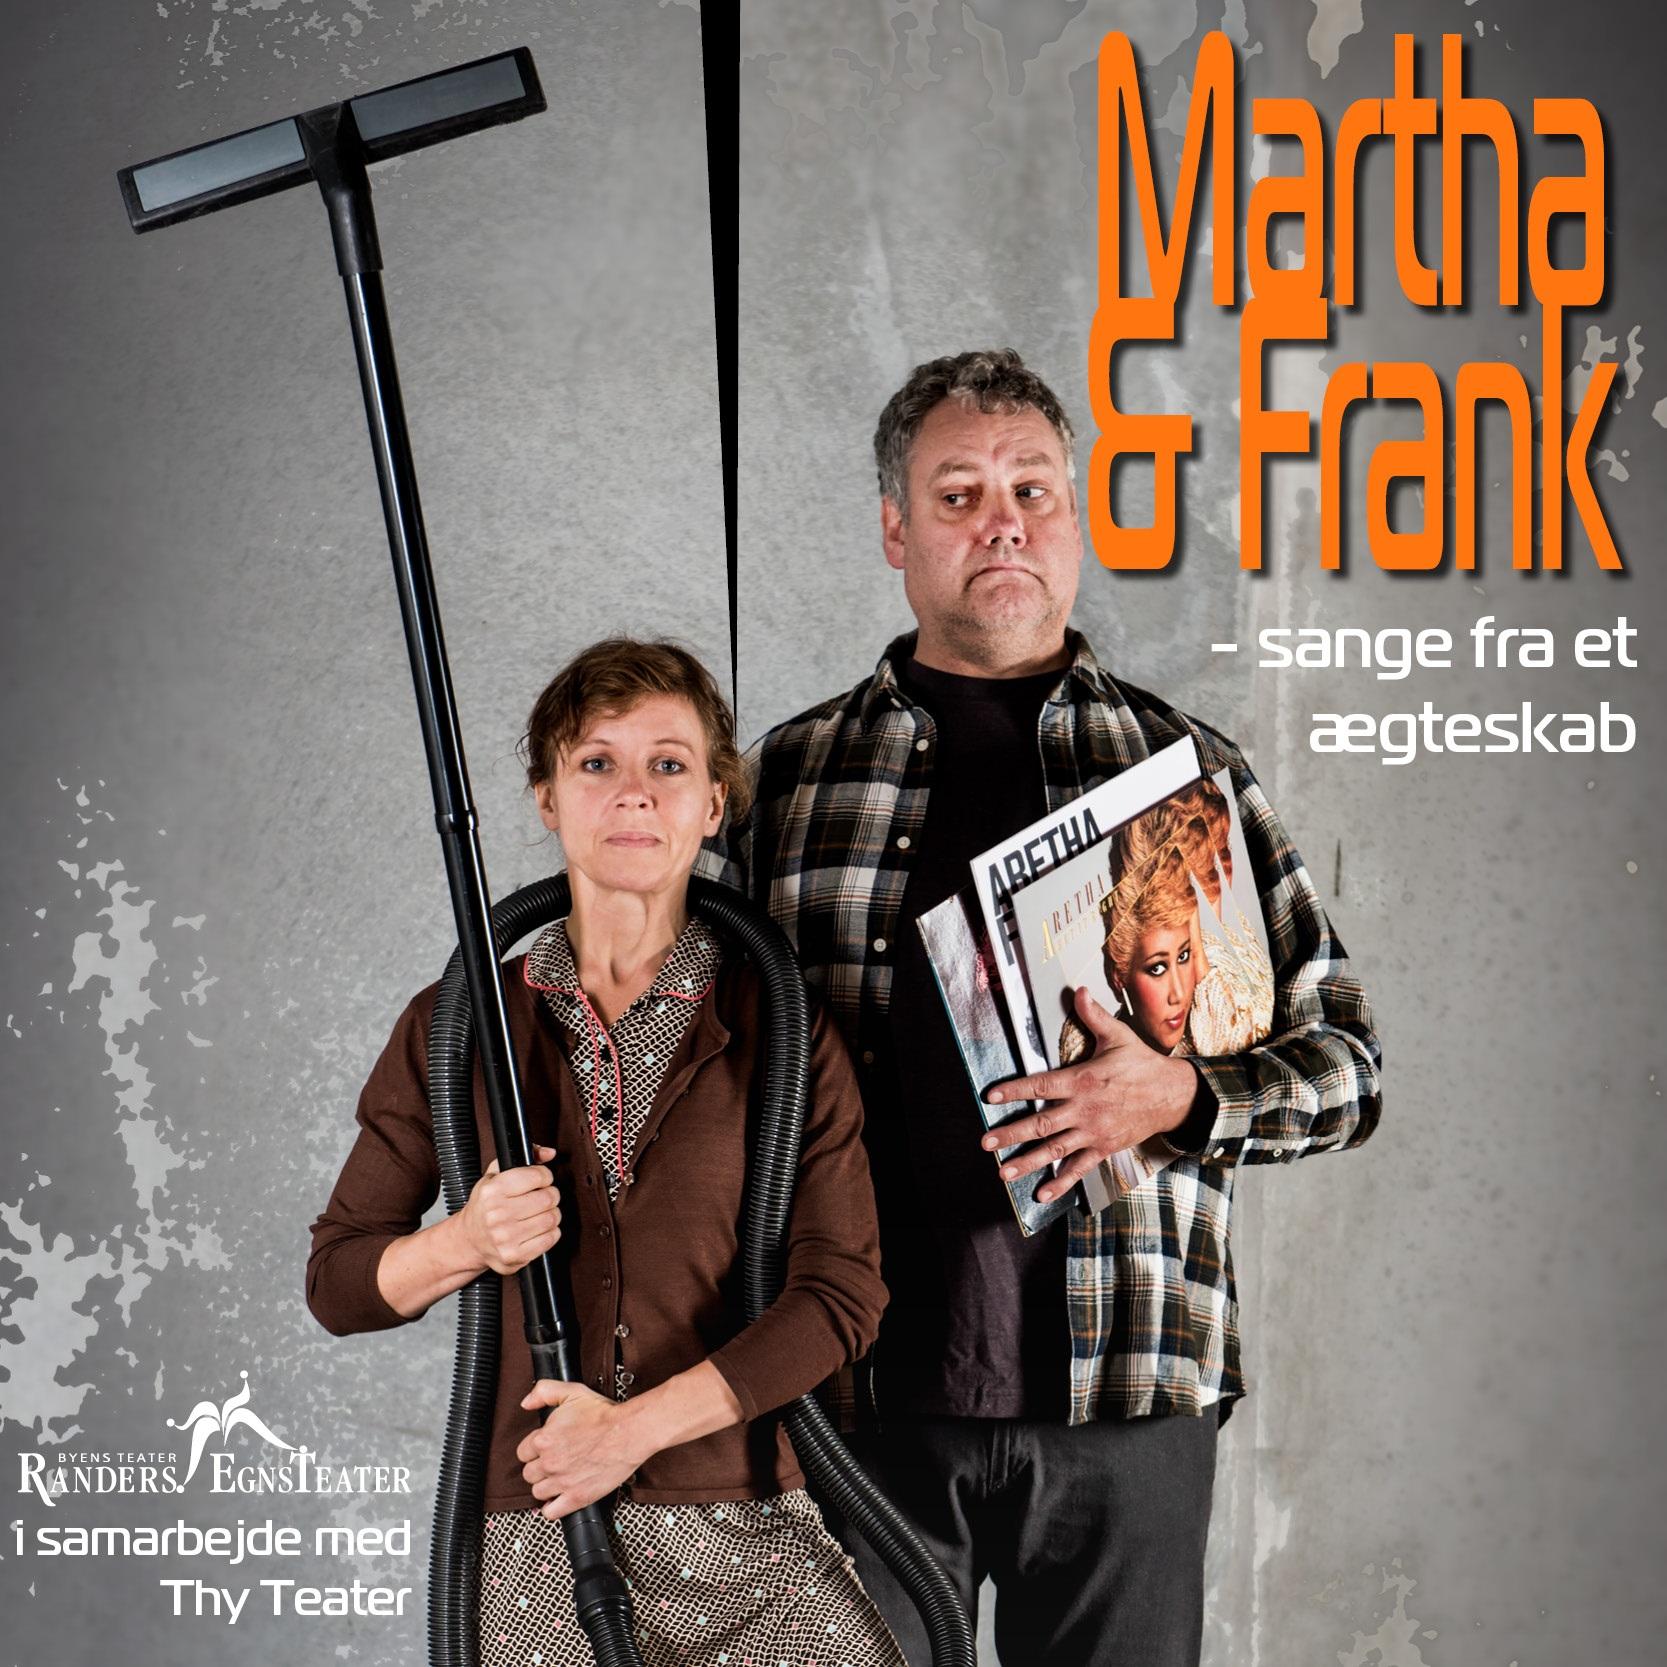 Anmeldelse: Martha & Frank – Sange fra et ægteskab, Teater V (Randers EgnsTeater i samarbejde med Thy Teater)